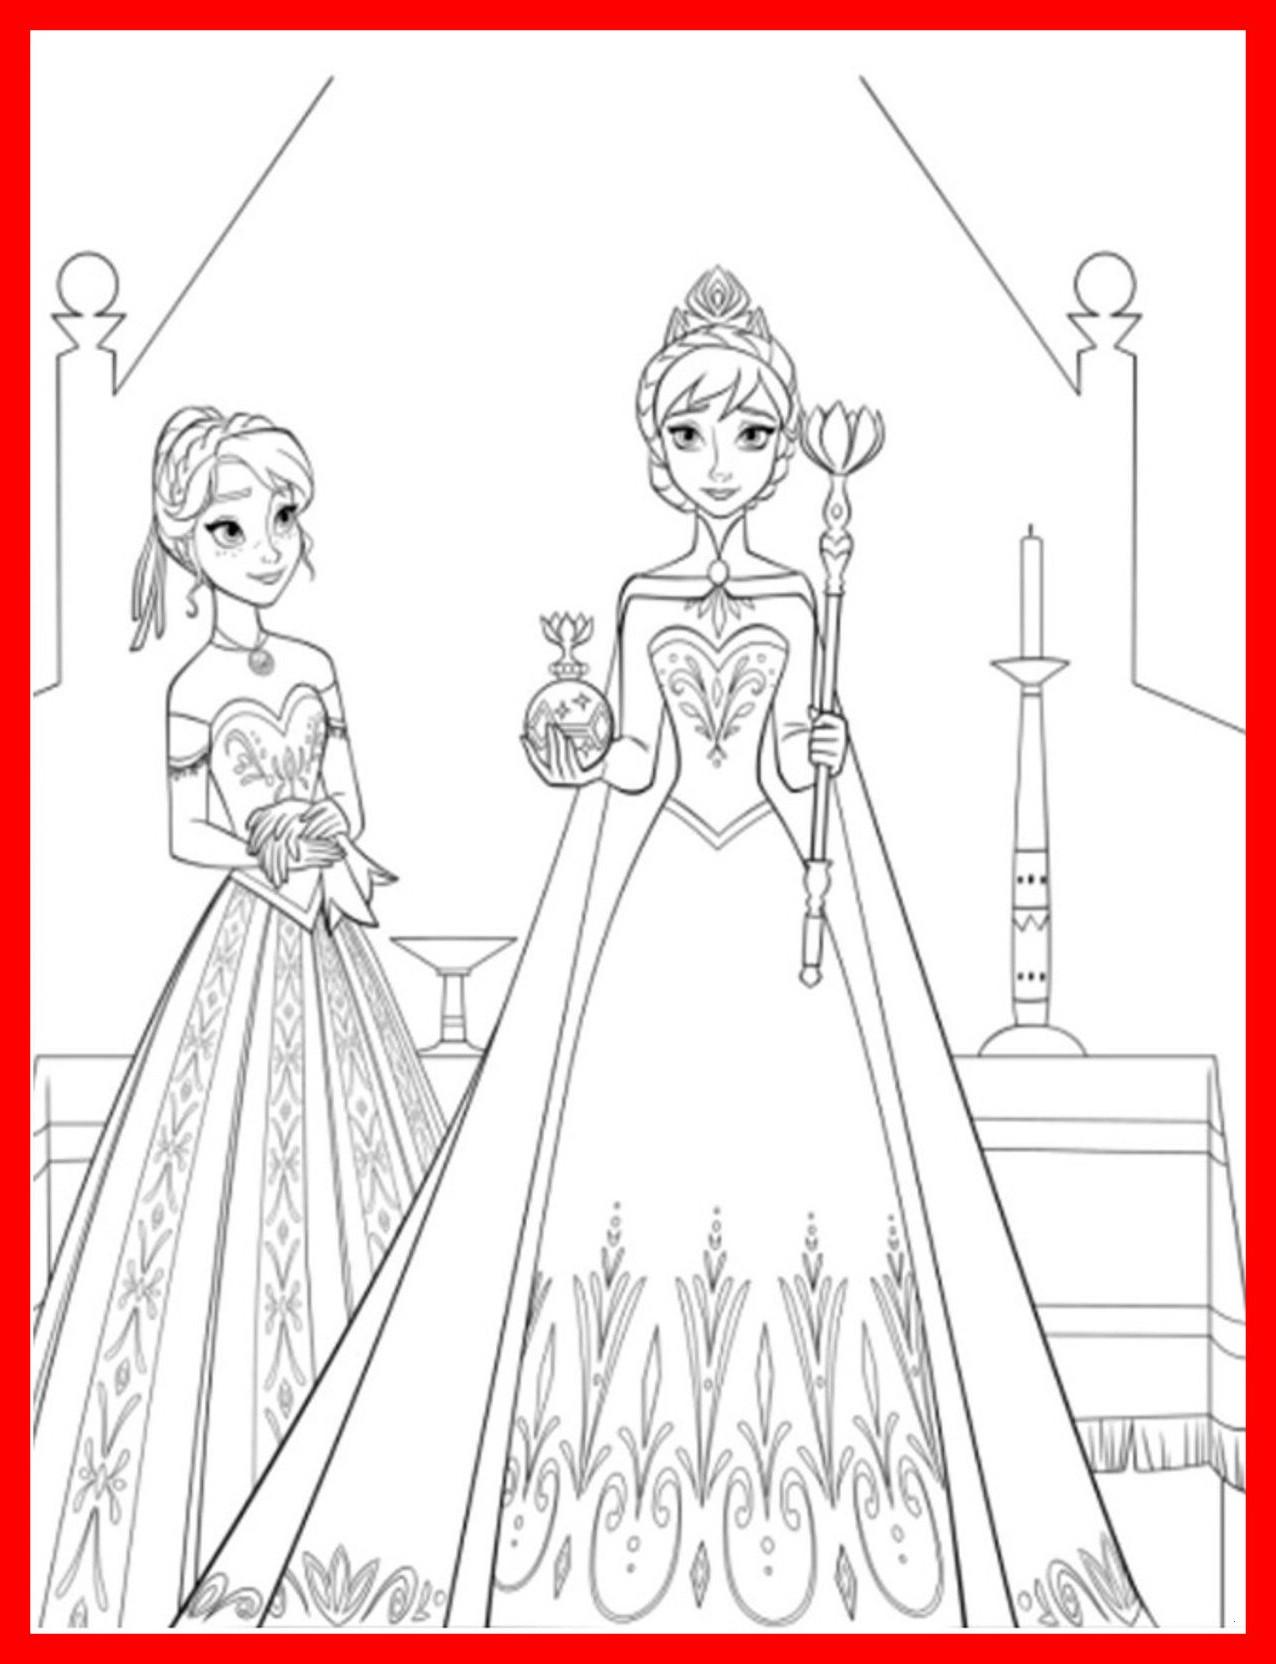 Malvorlagen Elsa Und Anna Einzigartig 35 Fantastisch Ausmalbilder Elsa Und Anna – Malvorlagen Ideen Das Bild